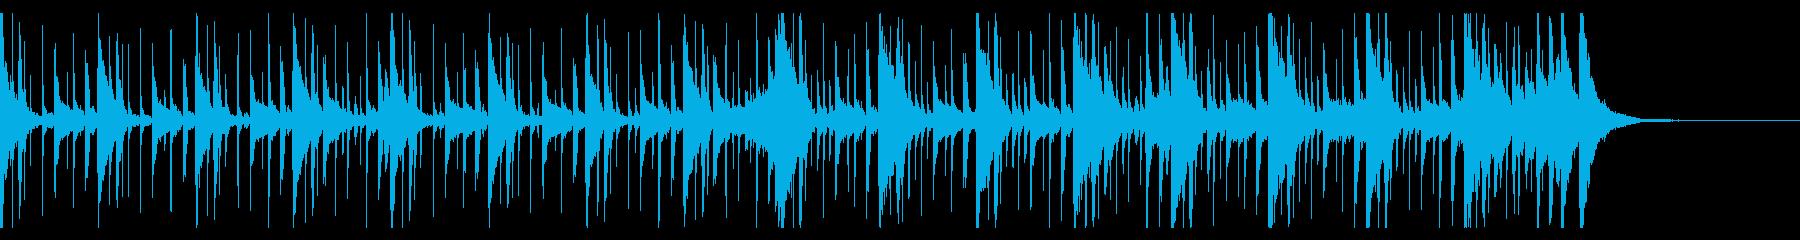 アコギ曲・走り出す・スタイリッシュ・PVの再生済みの波形